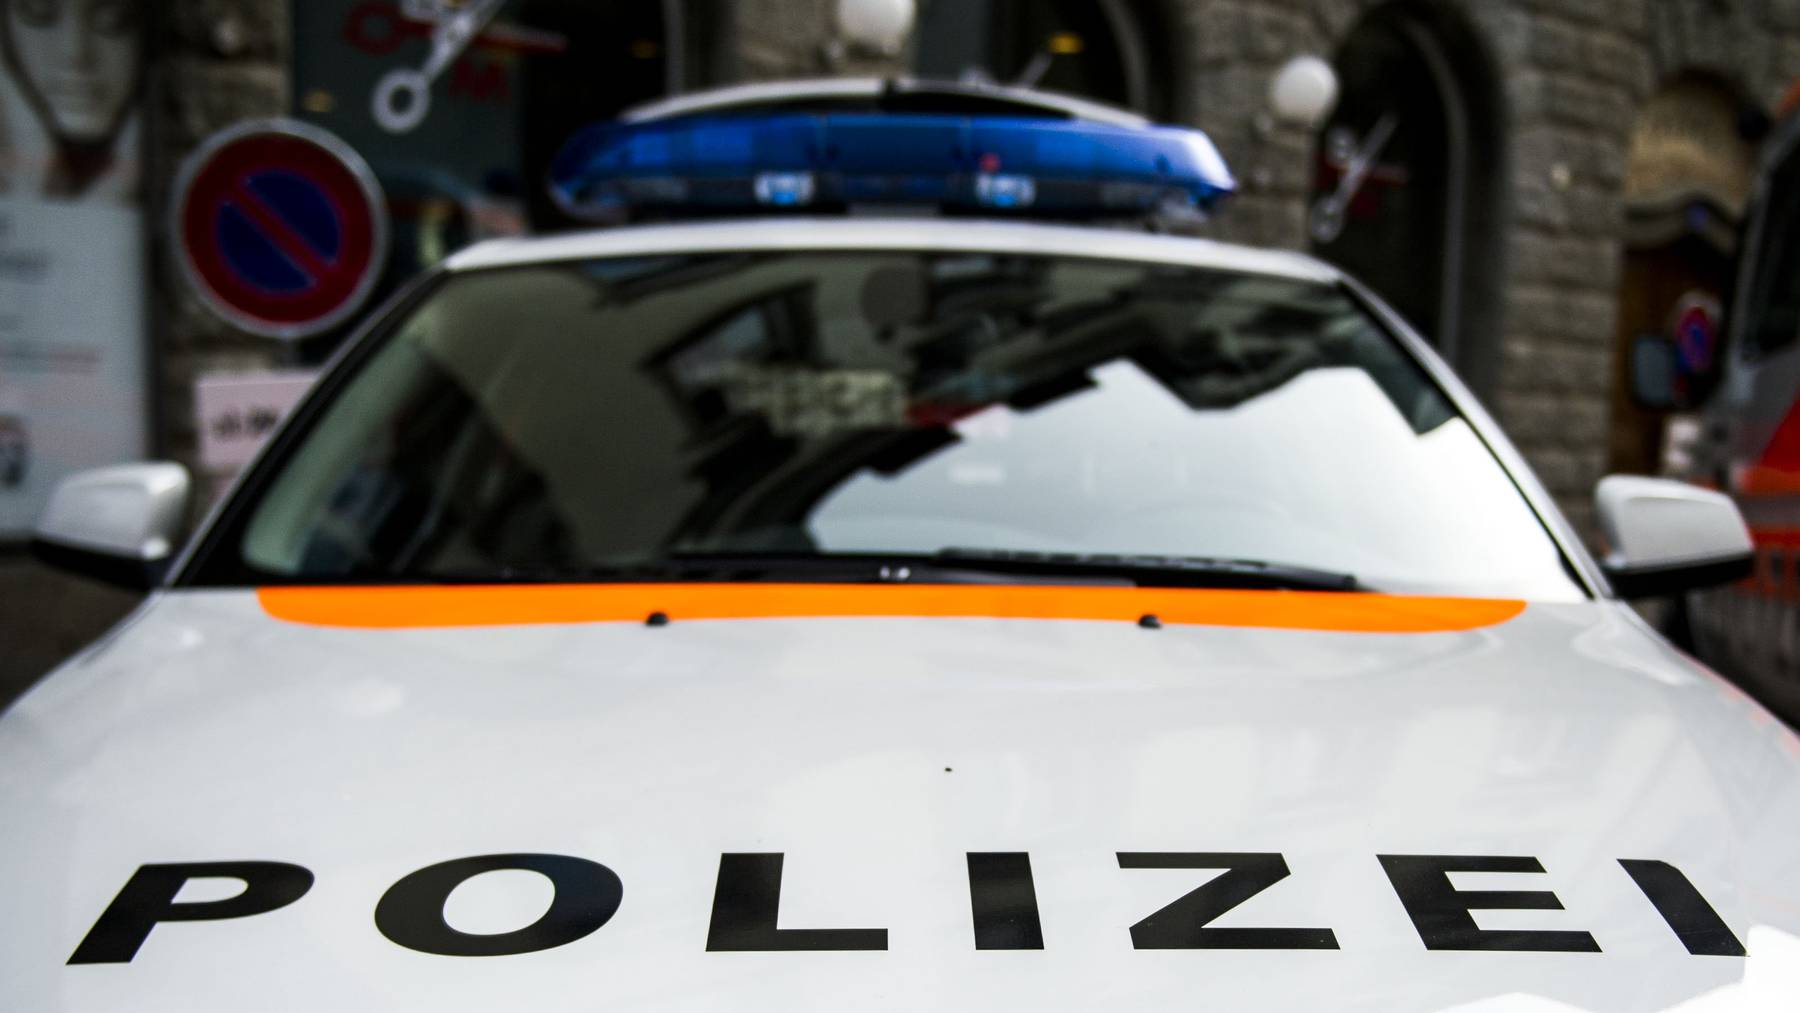 Die Stadtpolizei fand bei einer Verkehrskontrolle eine Waffe beim Fahrer.